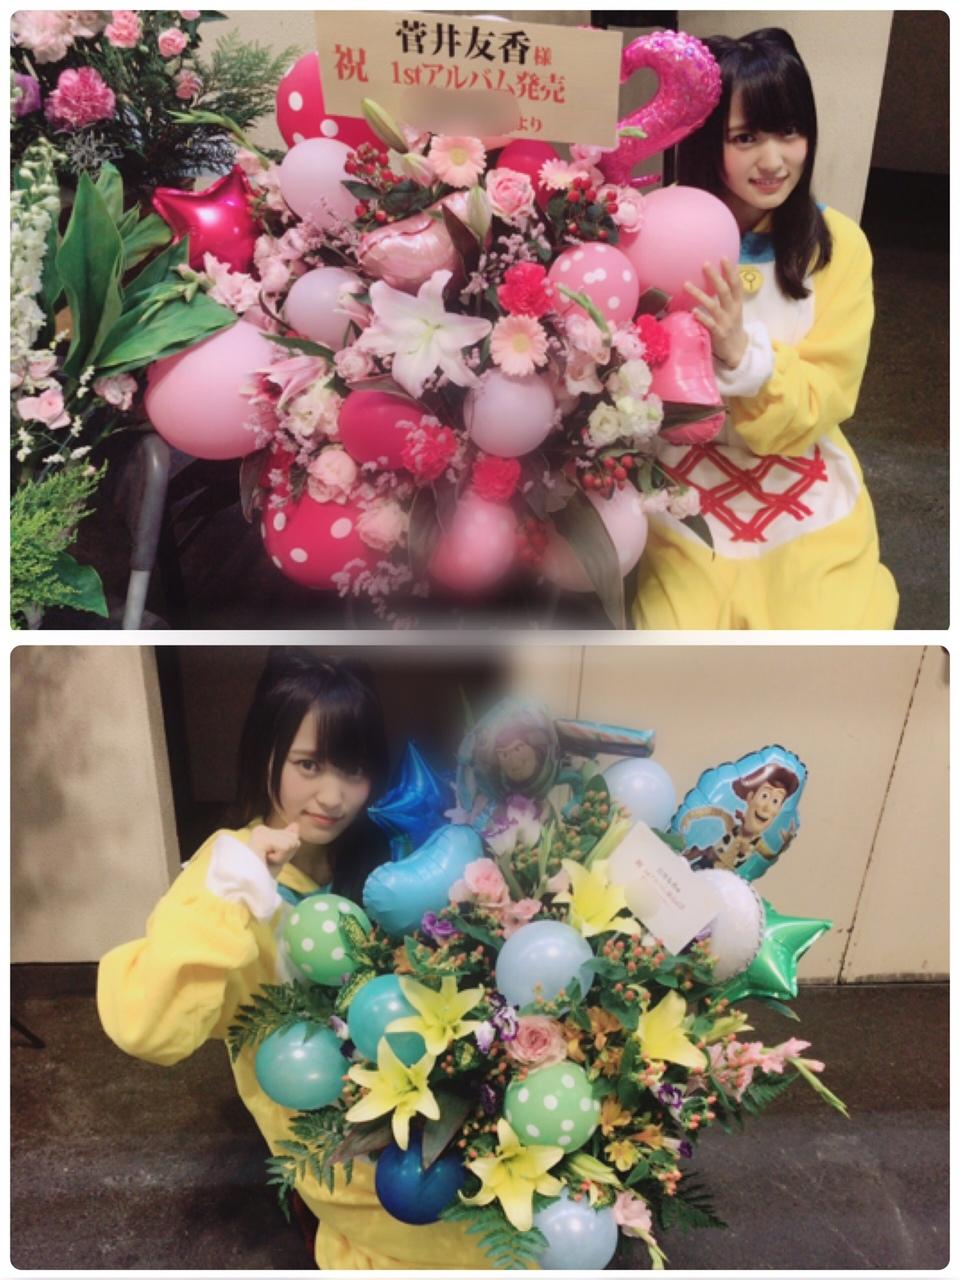 菅井友香 2020 薔薇 6 済み